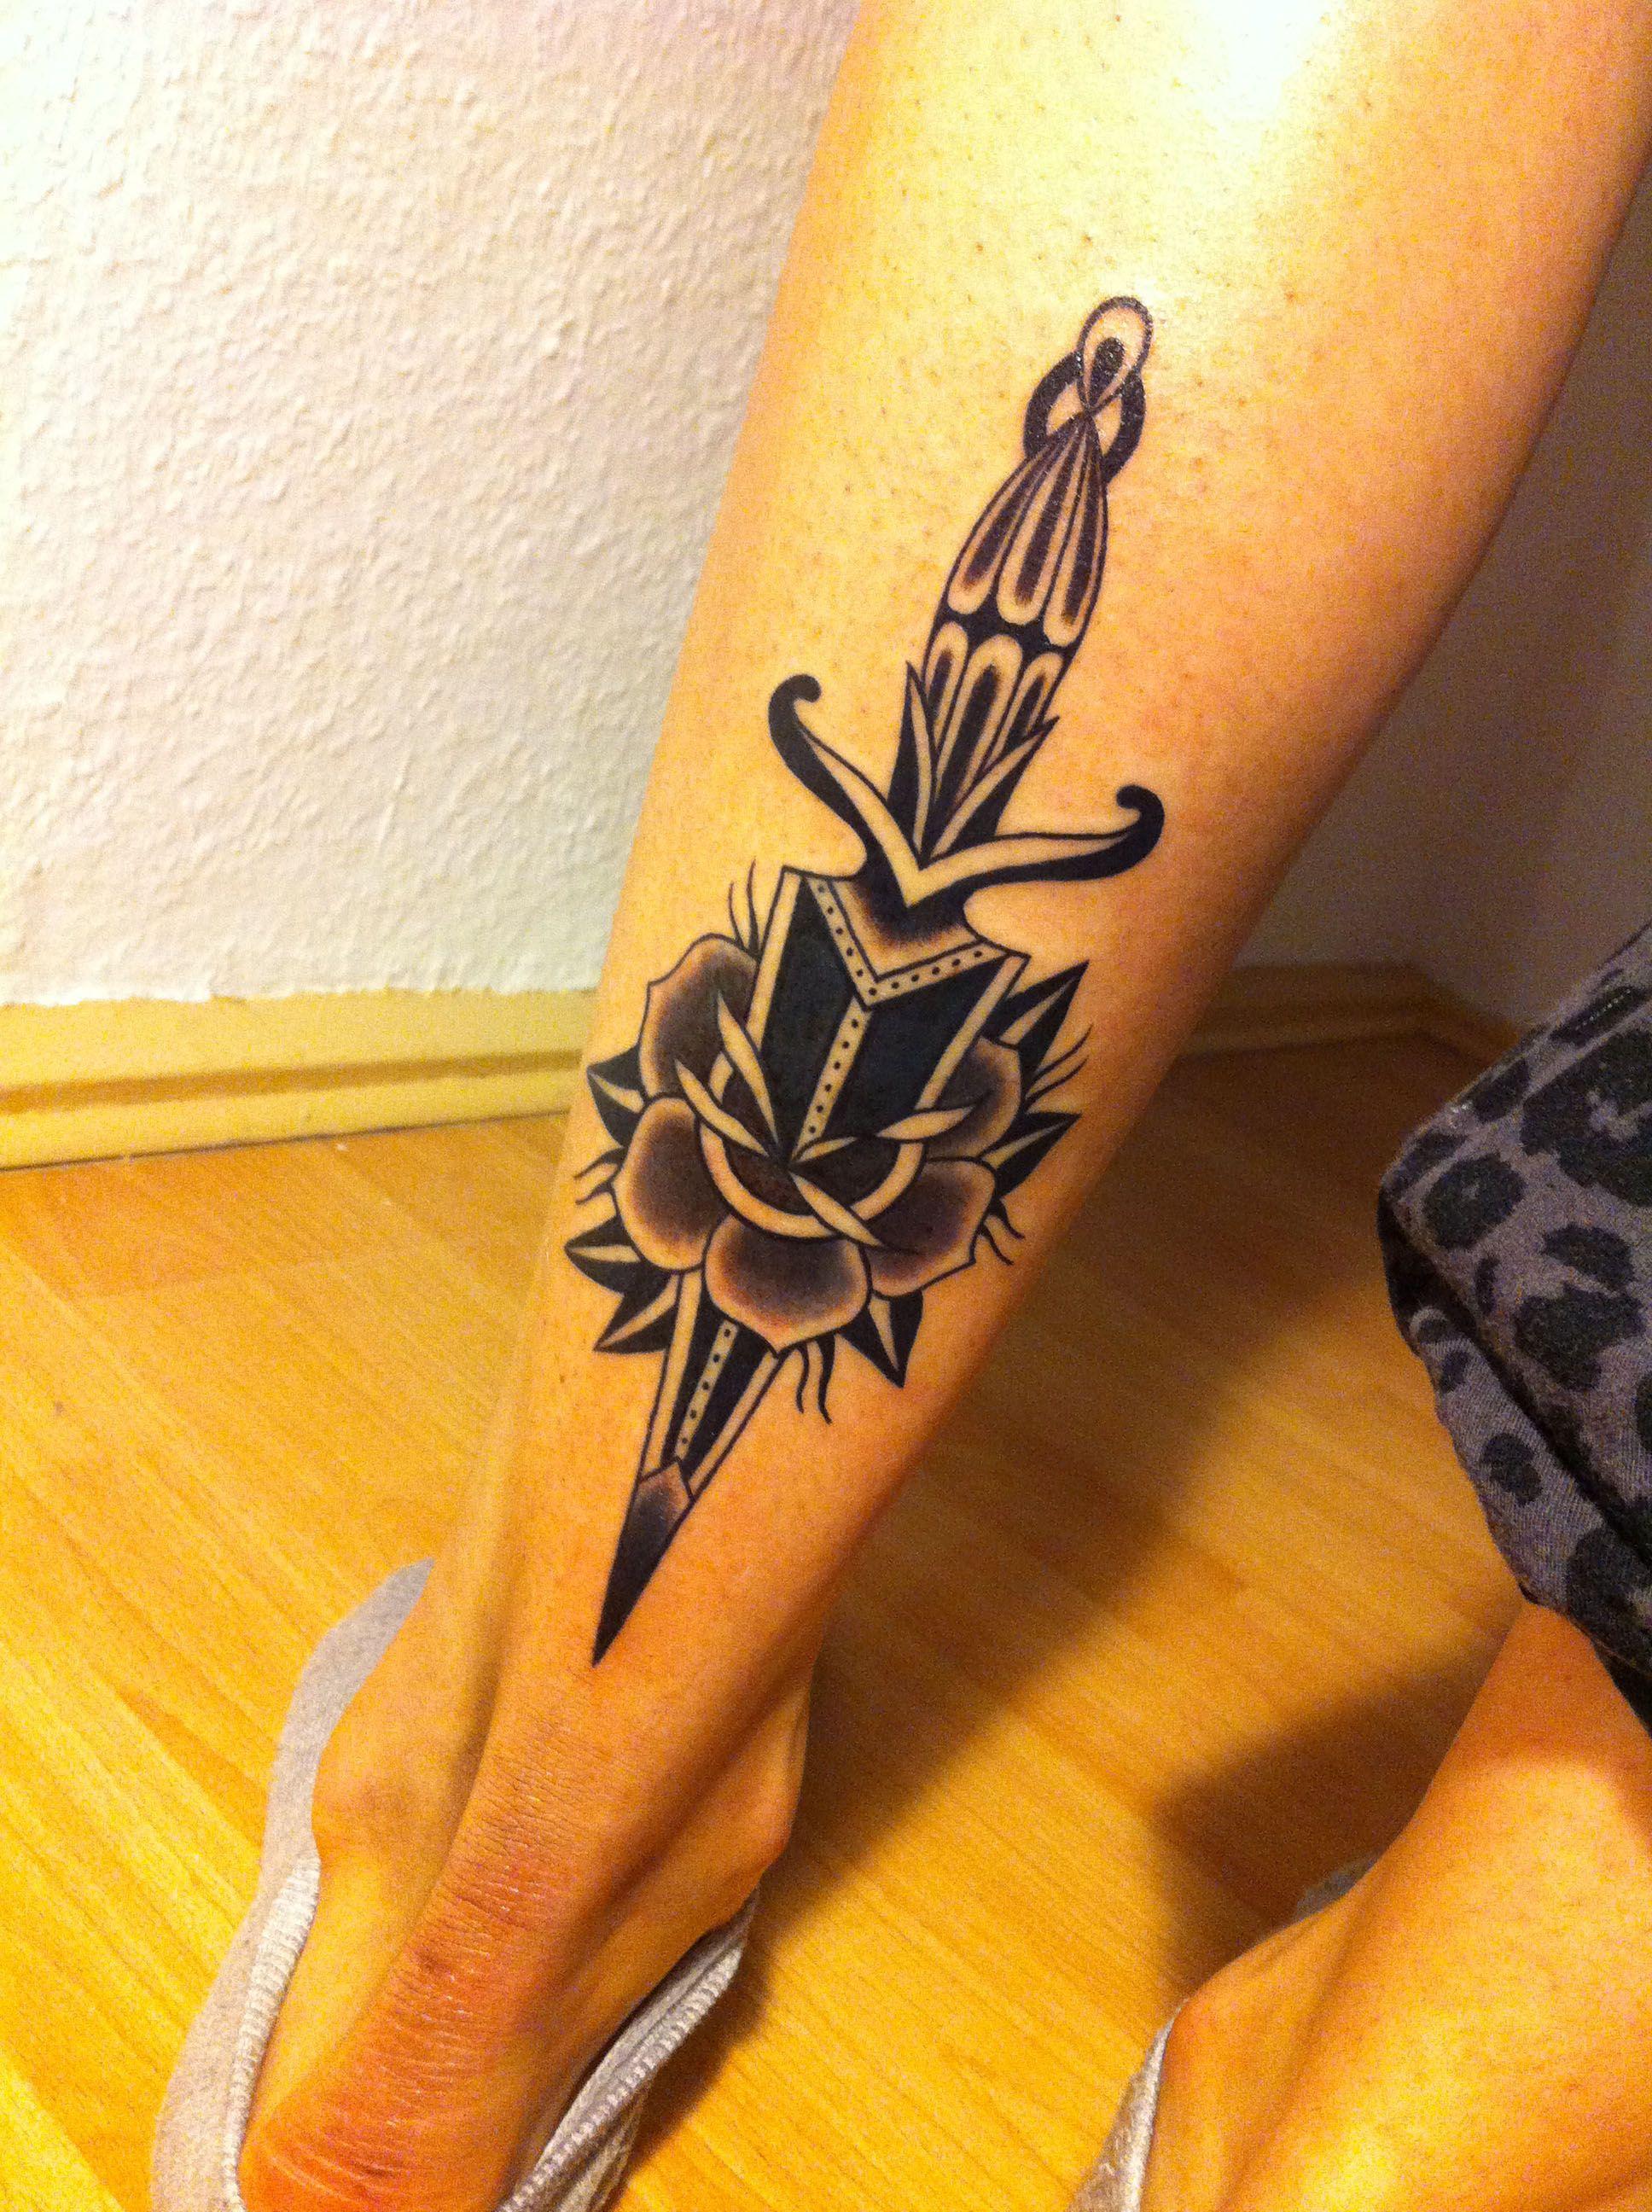 dagger & rose tattoo by sonka nawojka my work